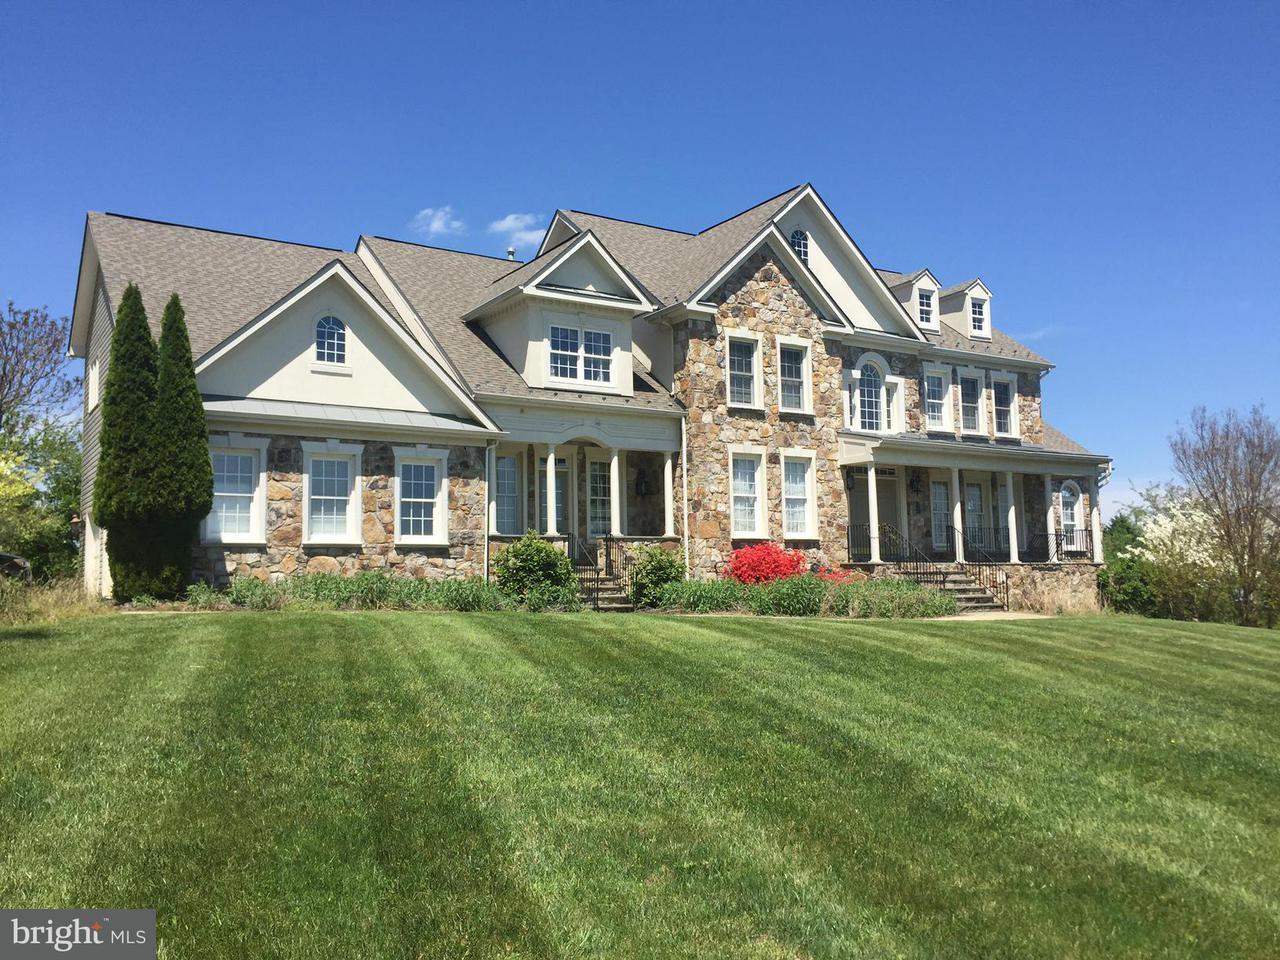 Vivienda unifamiliar por un Venta en 14416 MONTICELLO Drive 14416 MONTICELLO Drive Cooksville, Maryland 21723 Estados Unidos